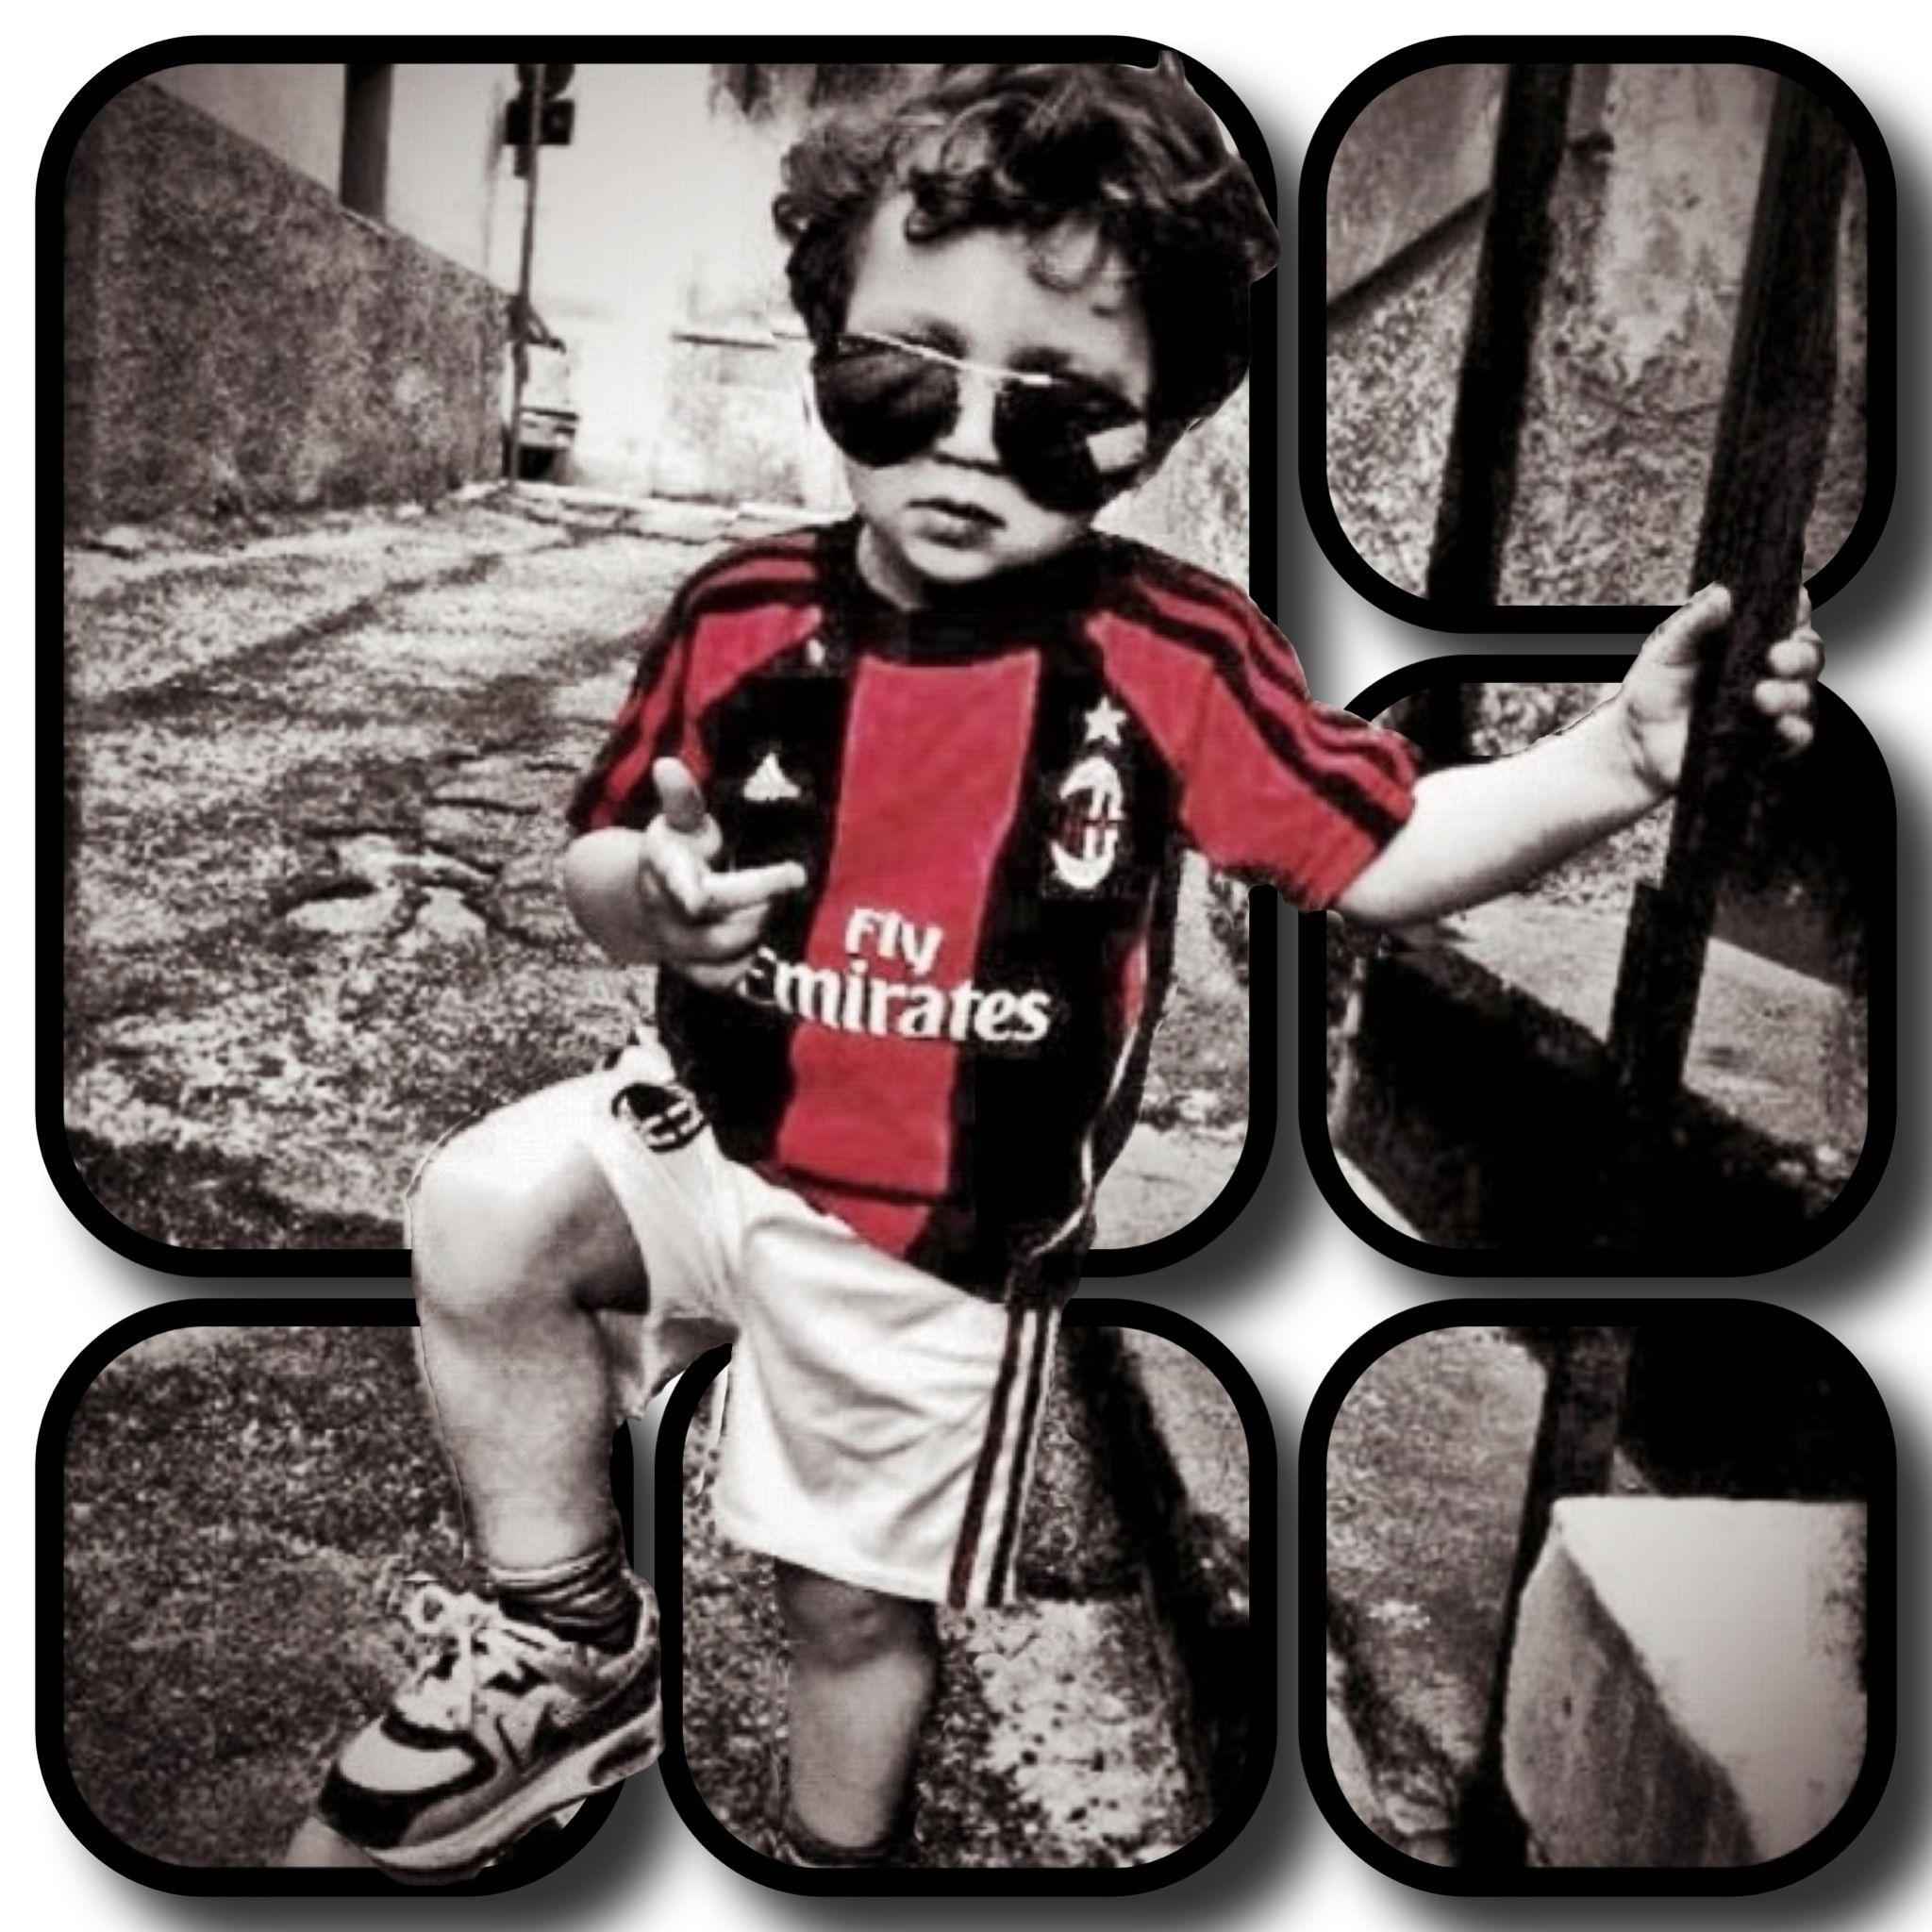 Baby In Ac Milan Kit Being Adorable Ac Milan Kit Baby Joey Ac Milan